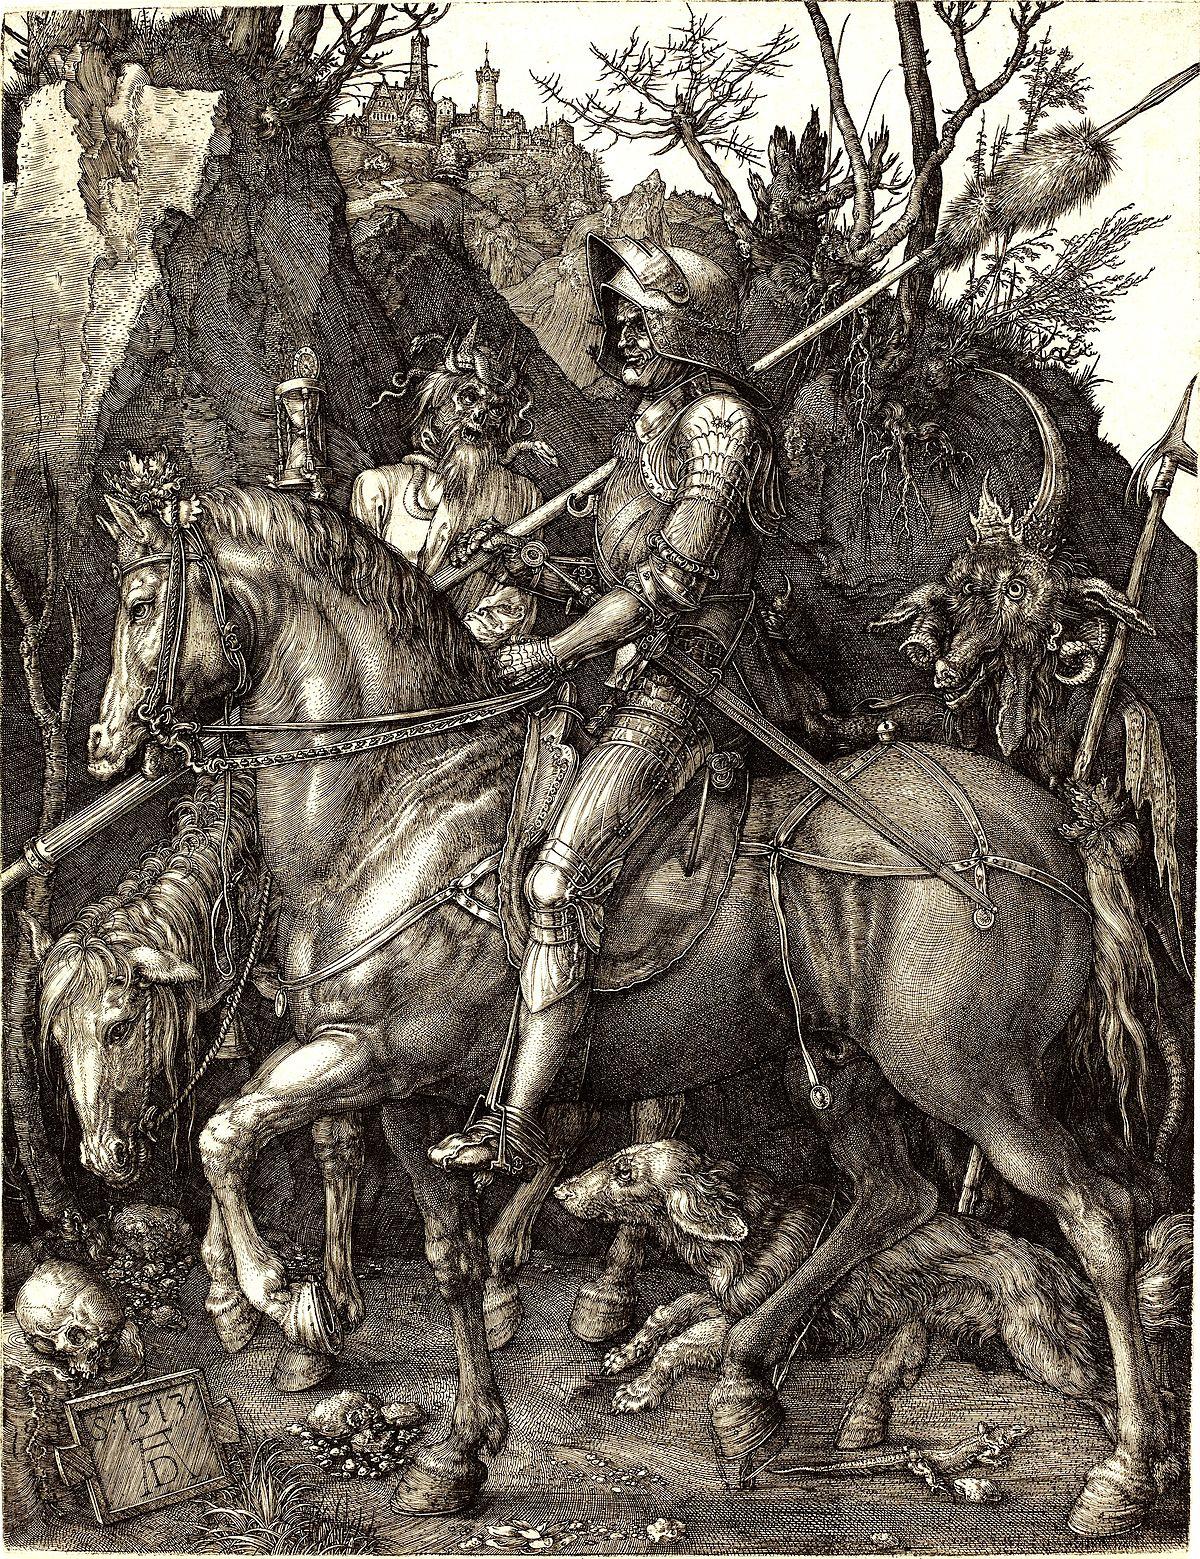 El caballero, la muerte y el diablo - Wikipedia, la enciclopedia libre